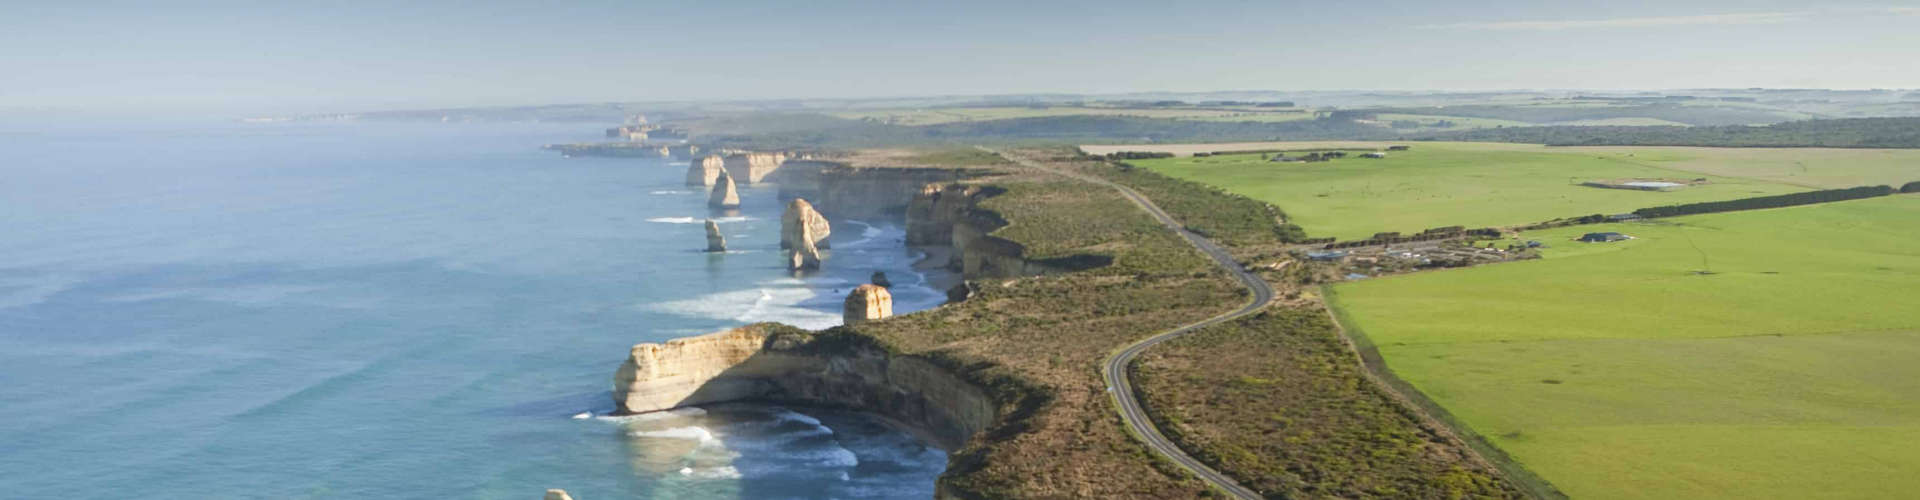 31f50bbd Det bedste af Australien: Sydney, den røde ørken, kystveje og øer